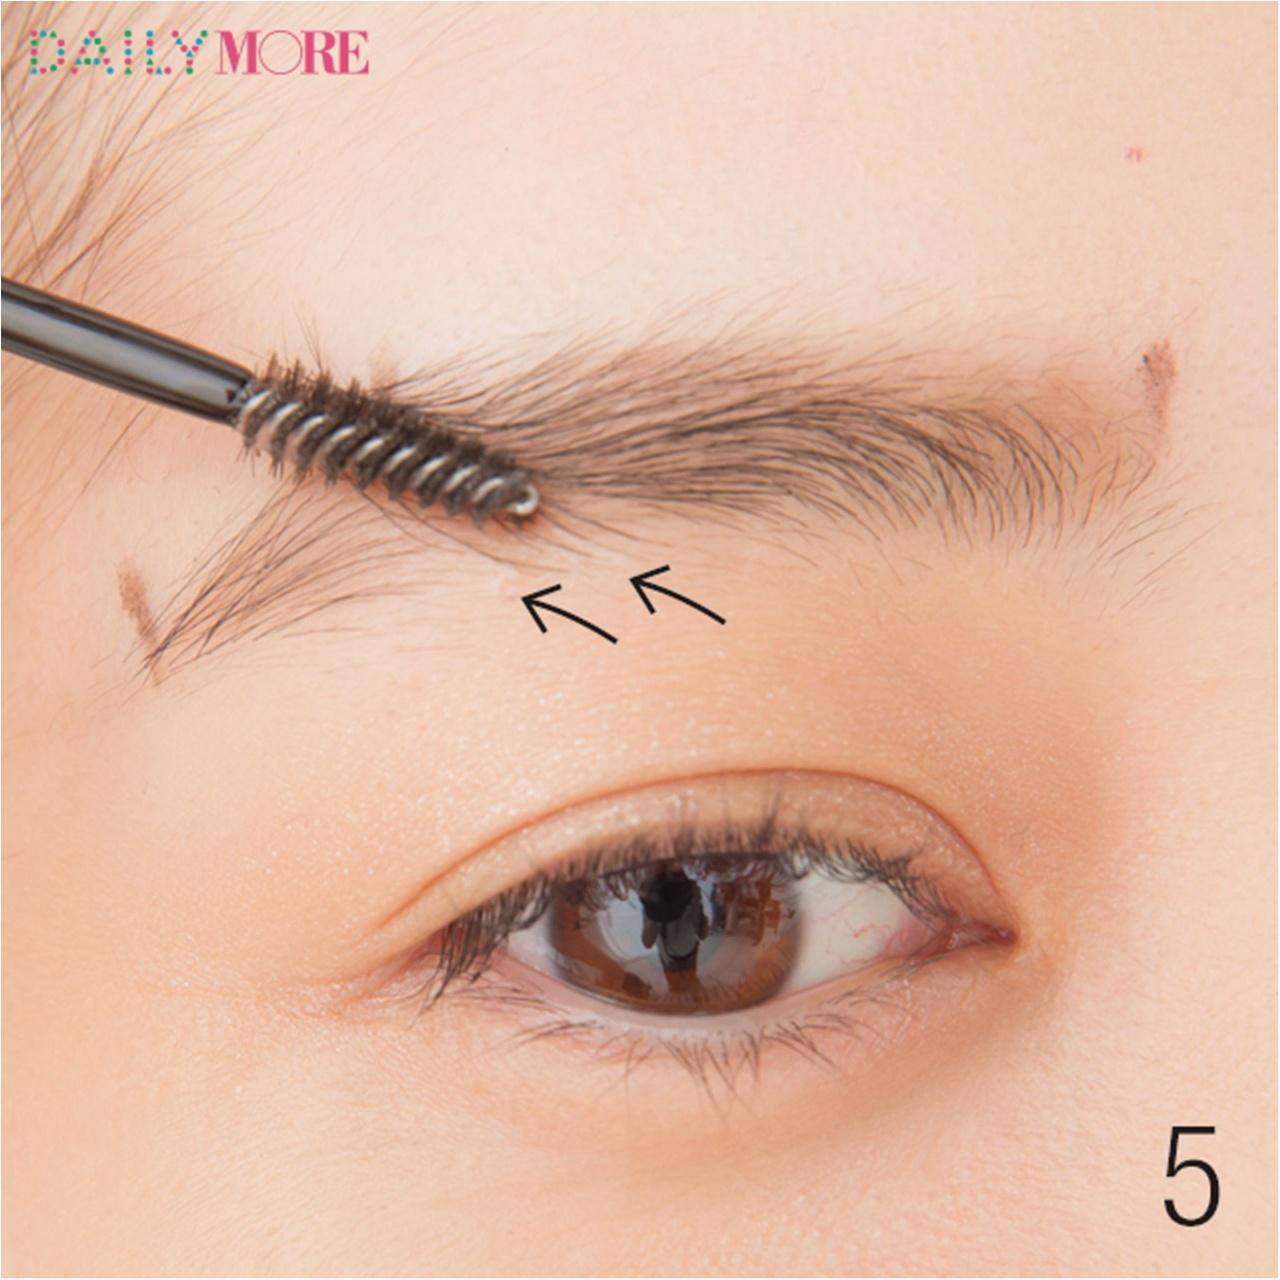 平行眉メイク特集 - 眉毛の形の整え方、描き方のポイントまとめ_7